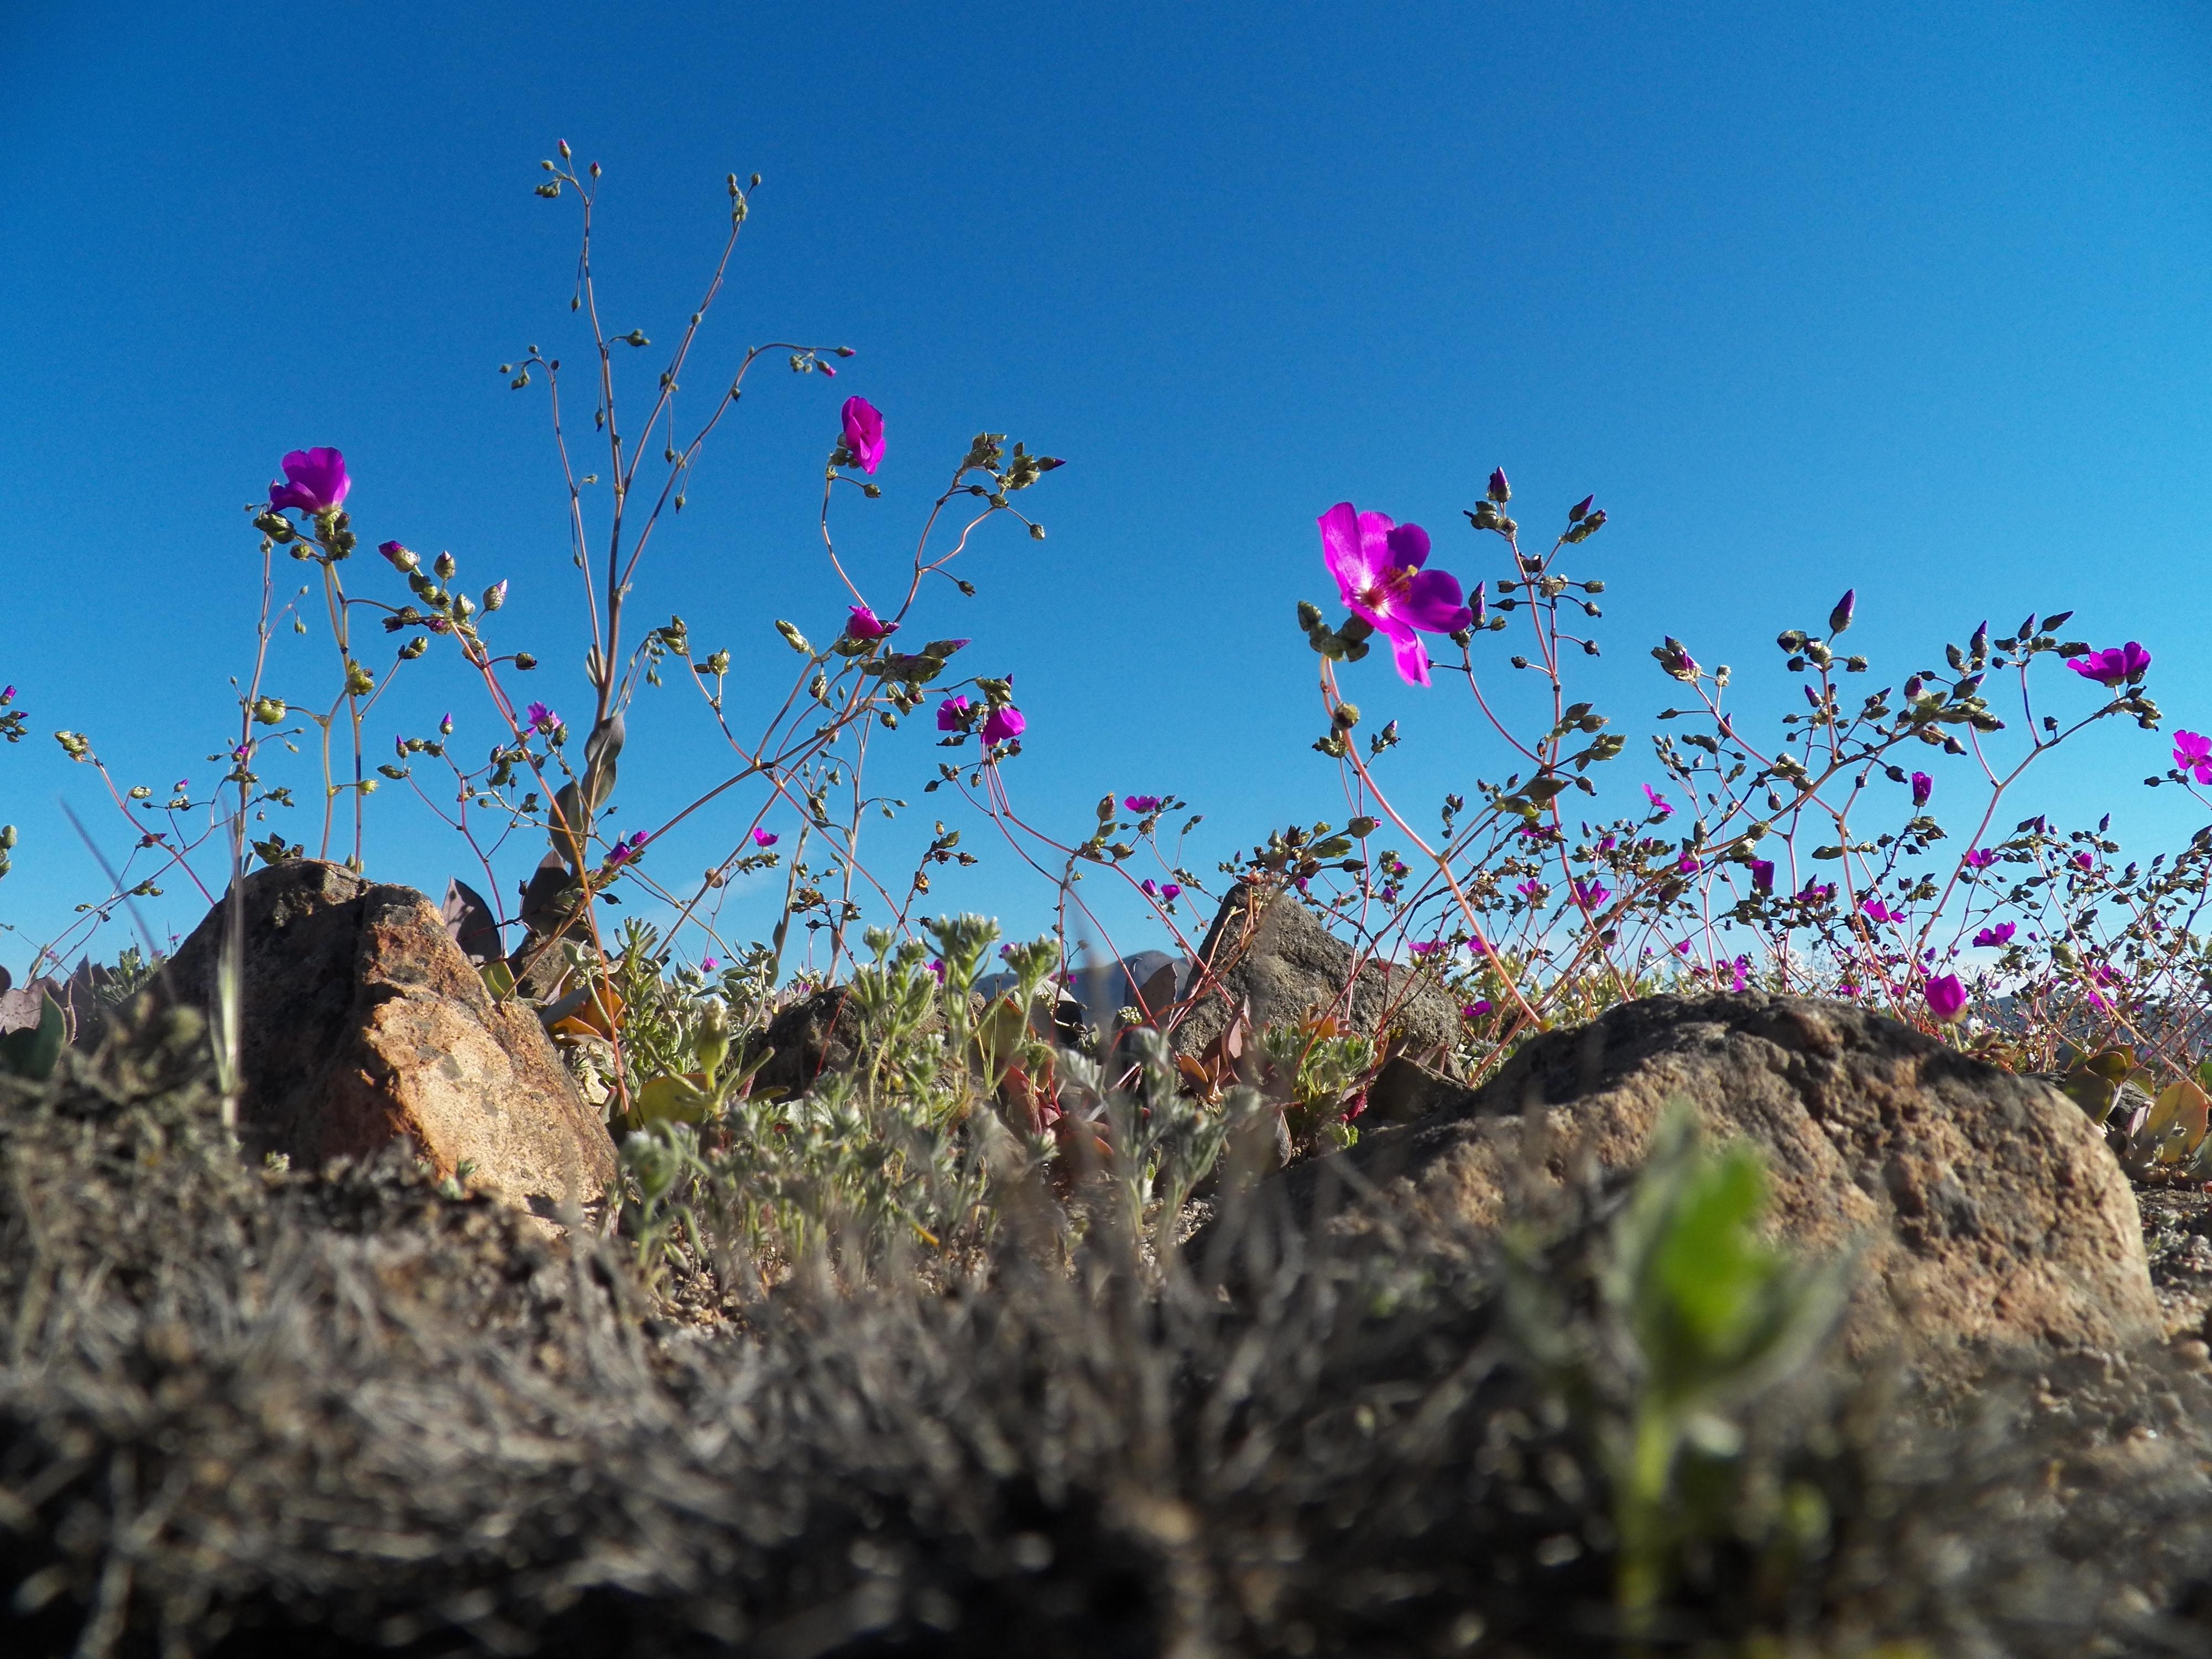 El Desierto Florido ya tiene su cuenta en las redes sociales